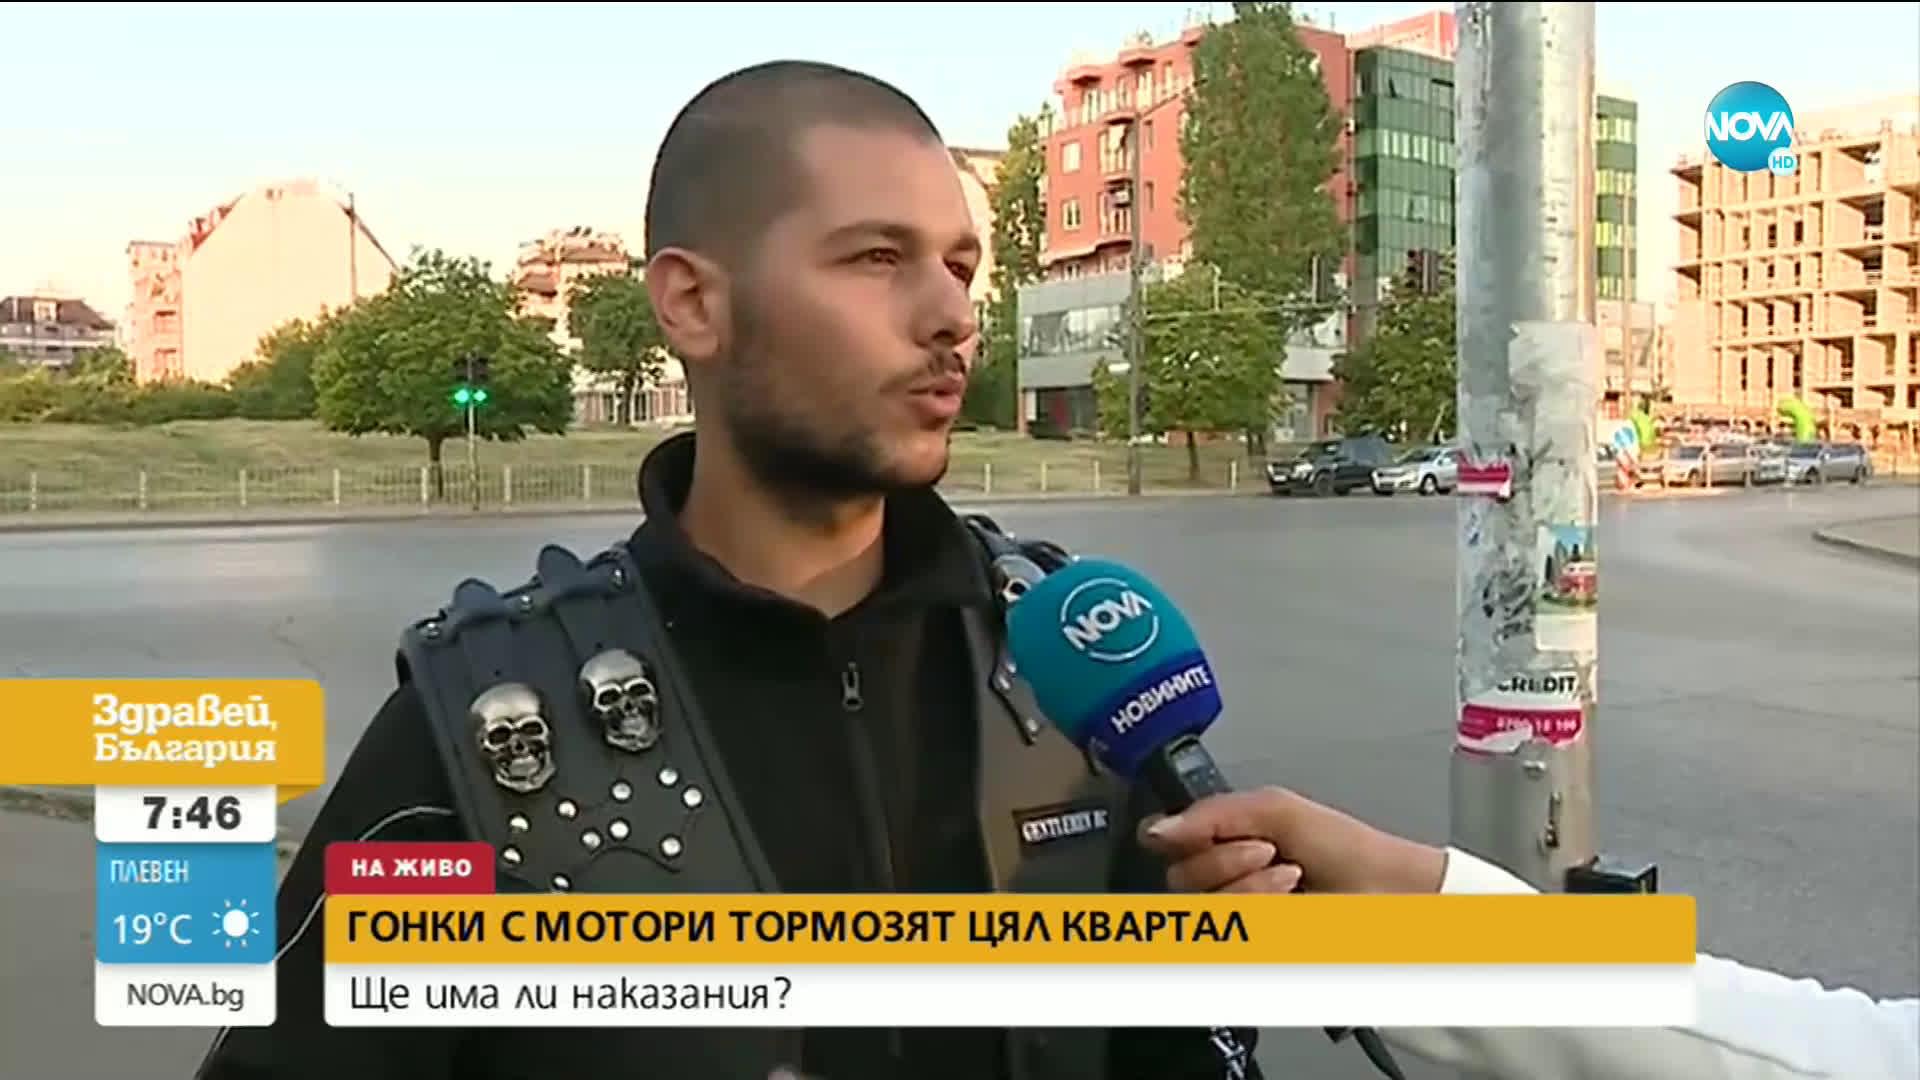 Гонки с мотори тормозят квартал в София